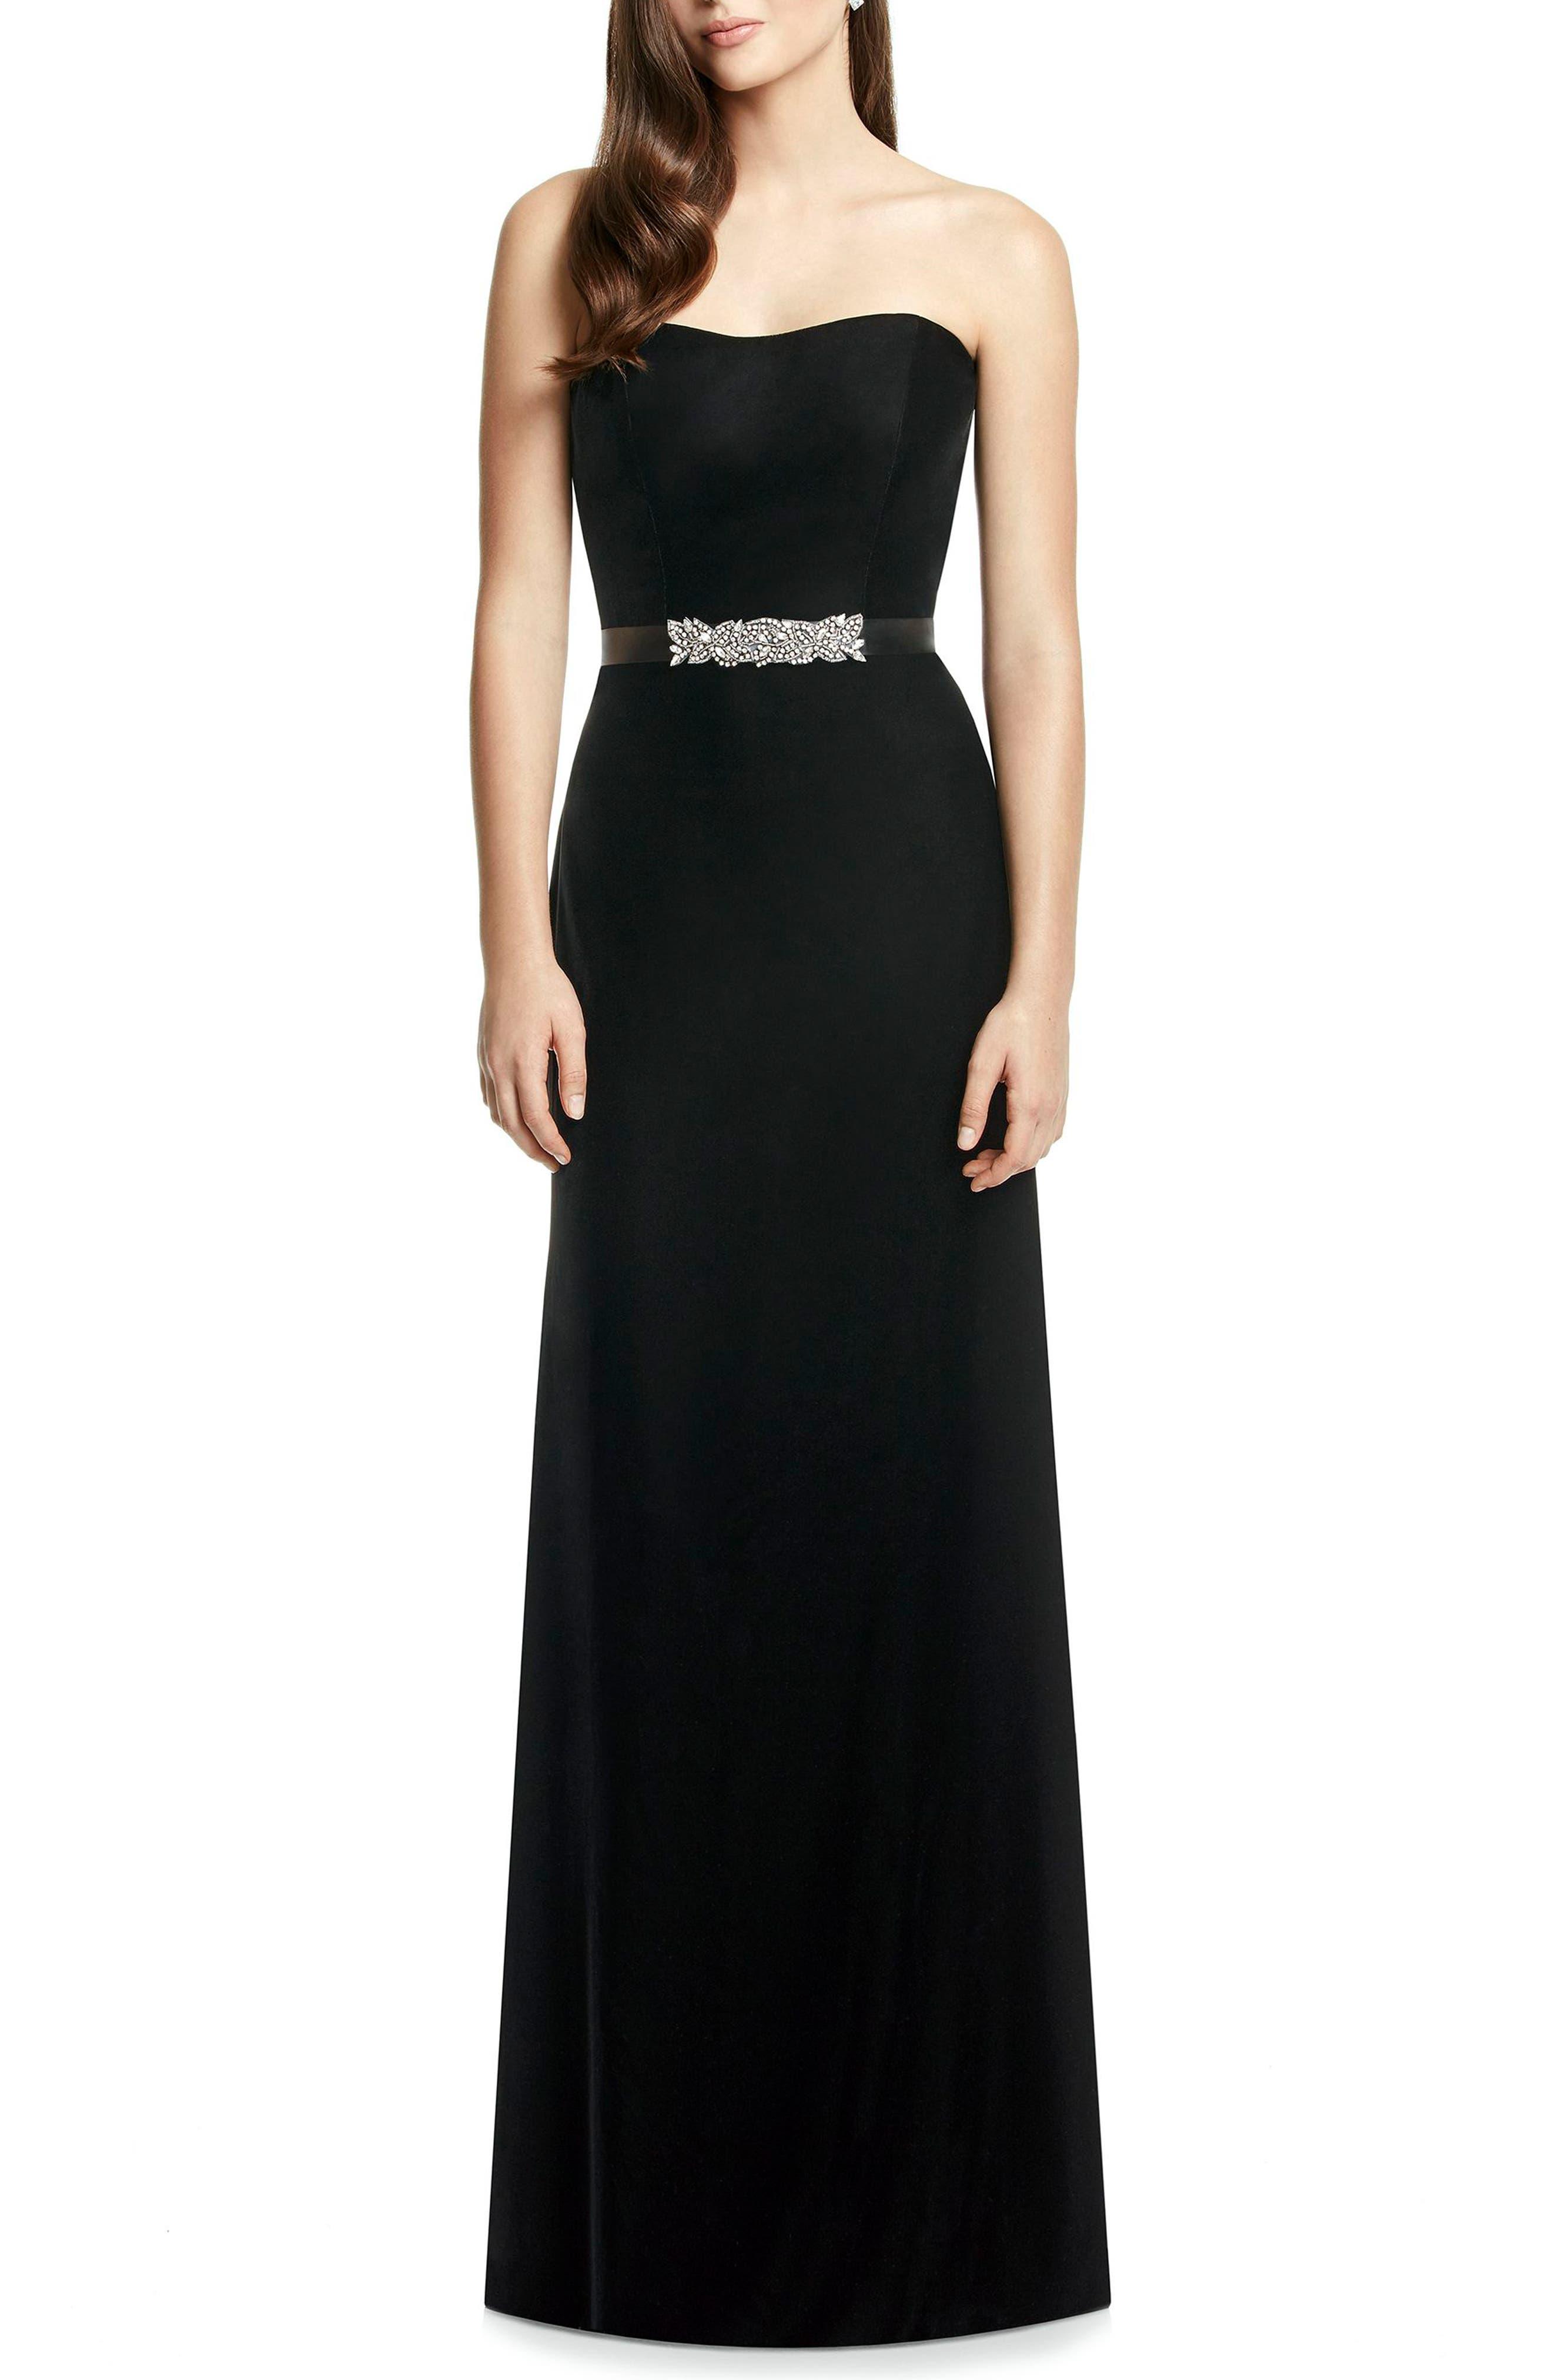 1950s Formal Dresses & Evening Gowns to Buy Womens Dessy Collection Embellished Belt Strapless Velvet Gown $270.00 AT vintagedancer.com